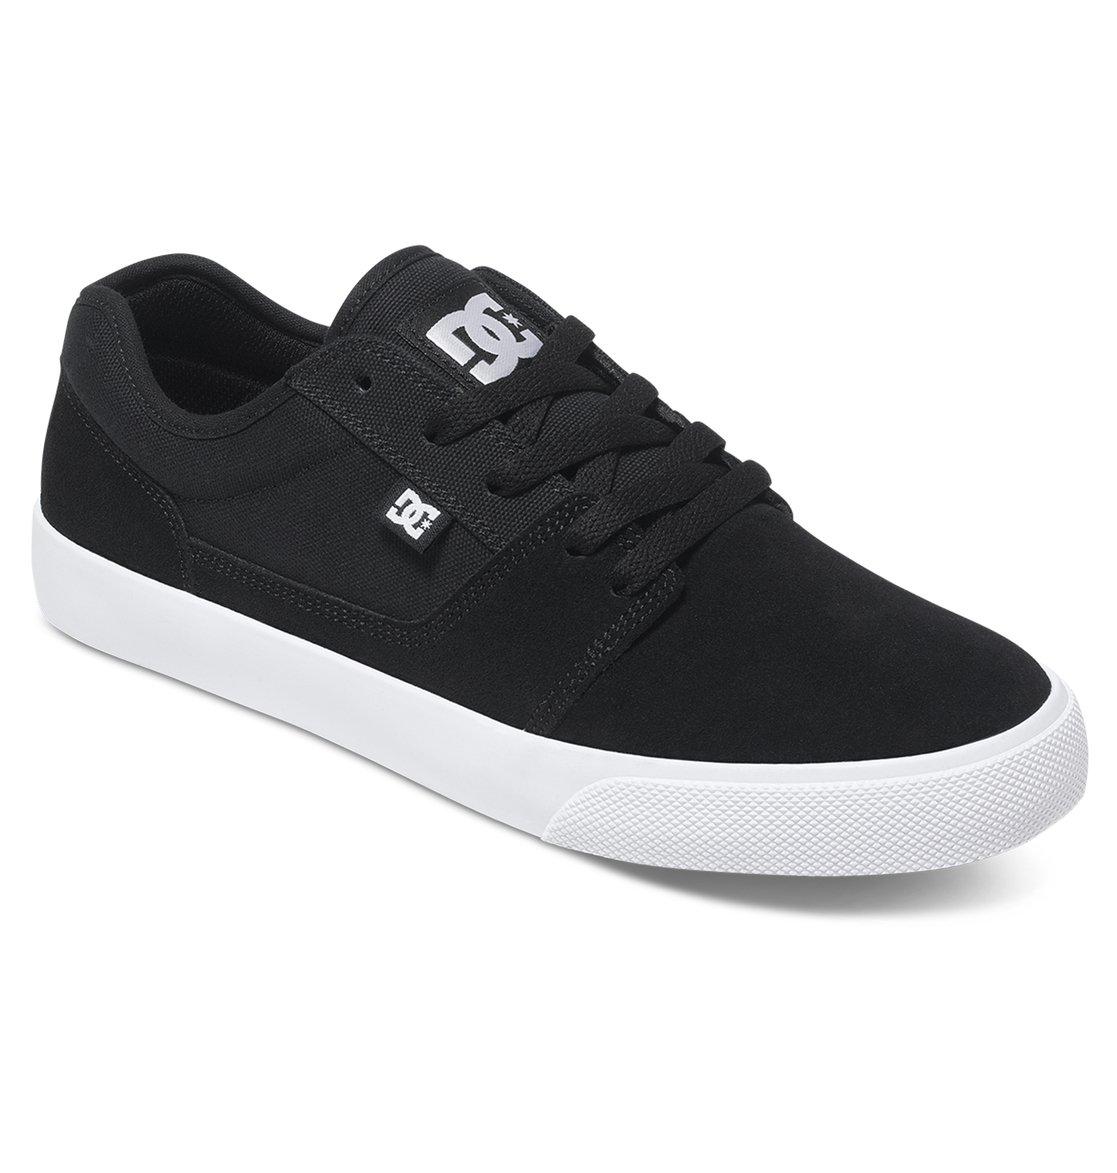 Dc Shoes Tonik S Black White